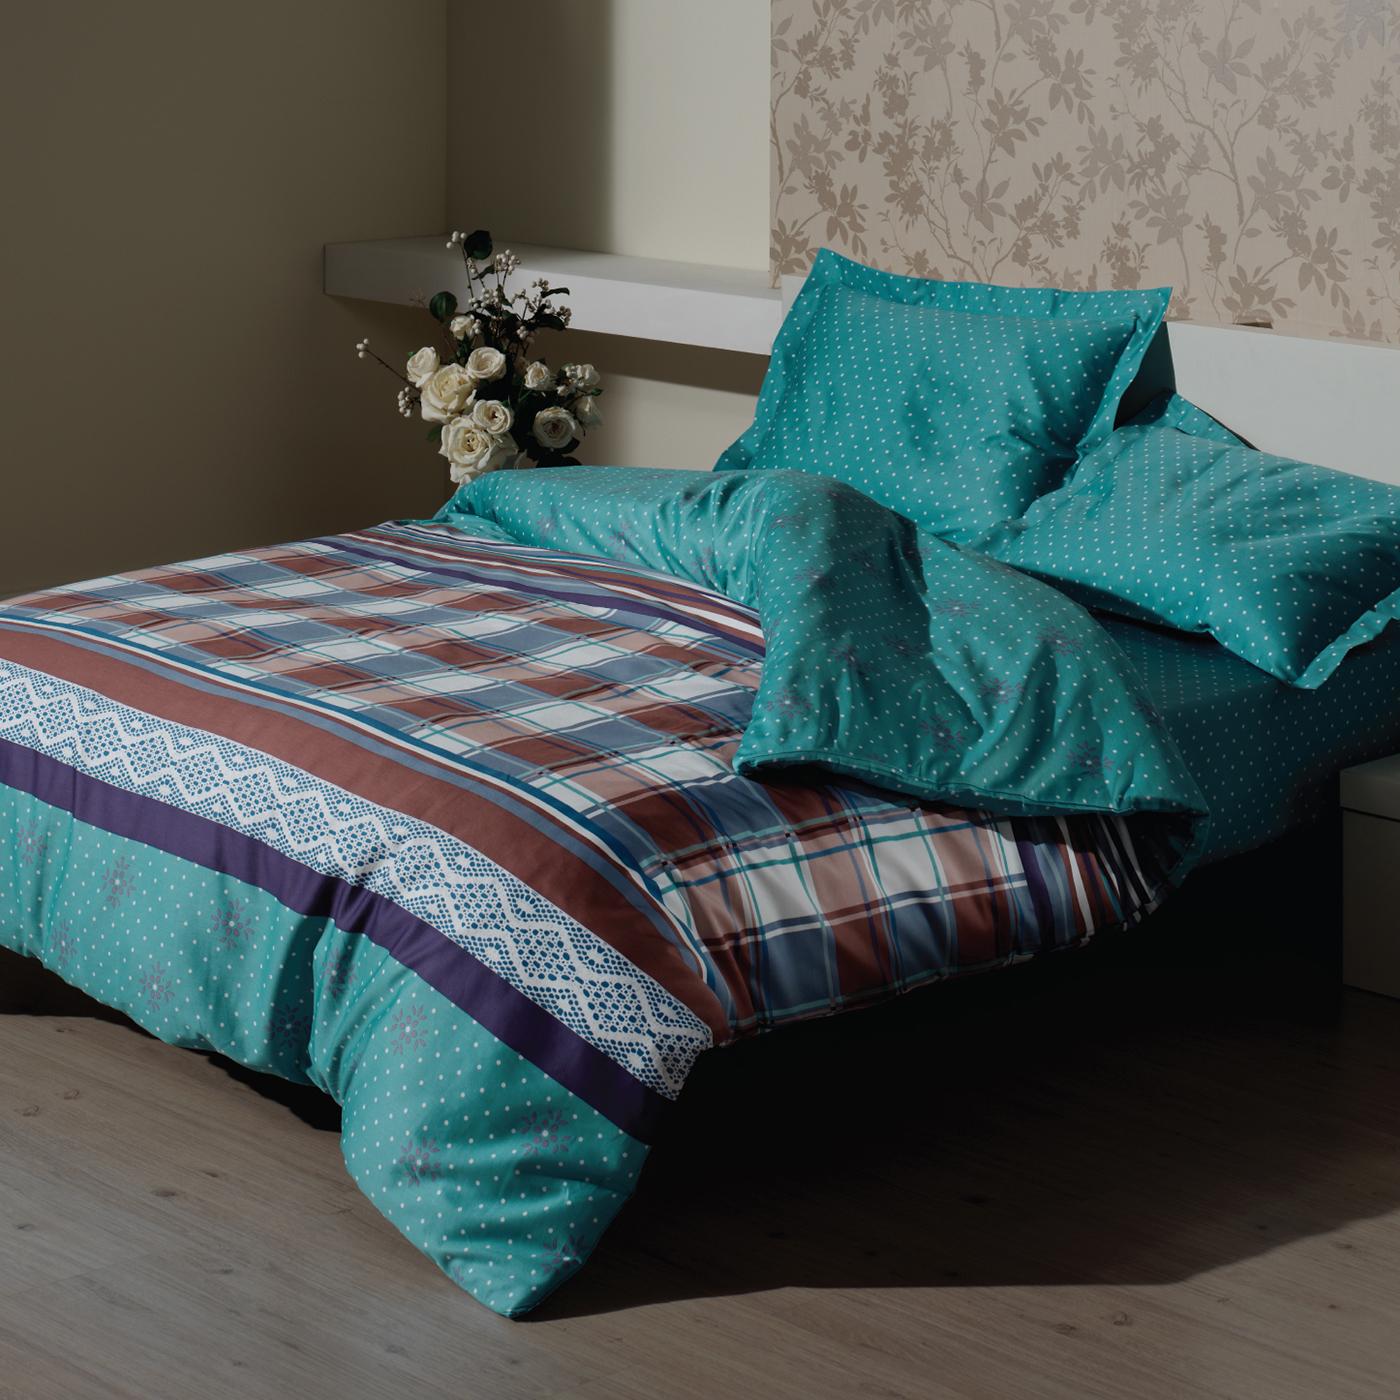 Купить Комплект постельного белья Lacy Turquoise Euro, inmyroom, Турция